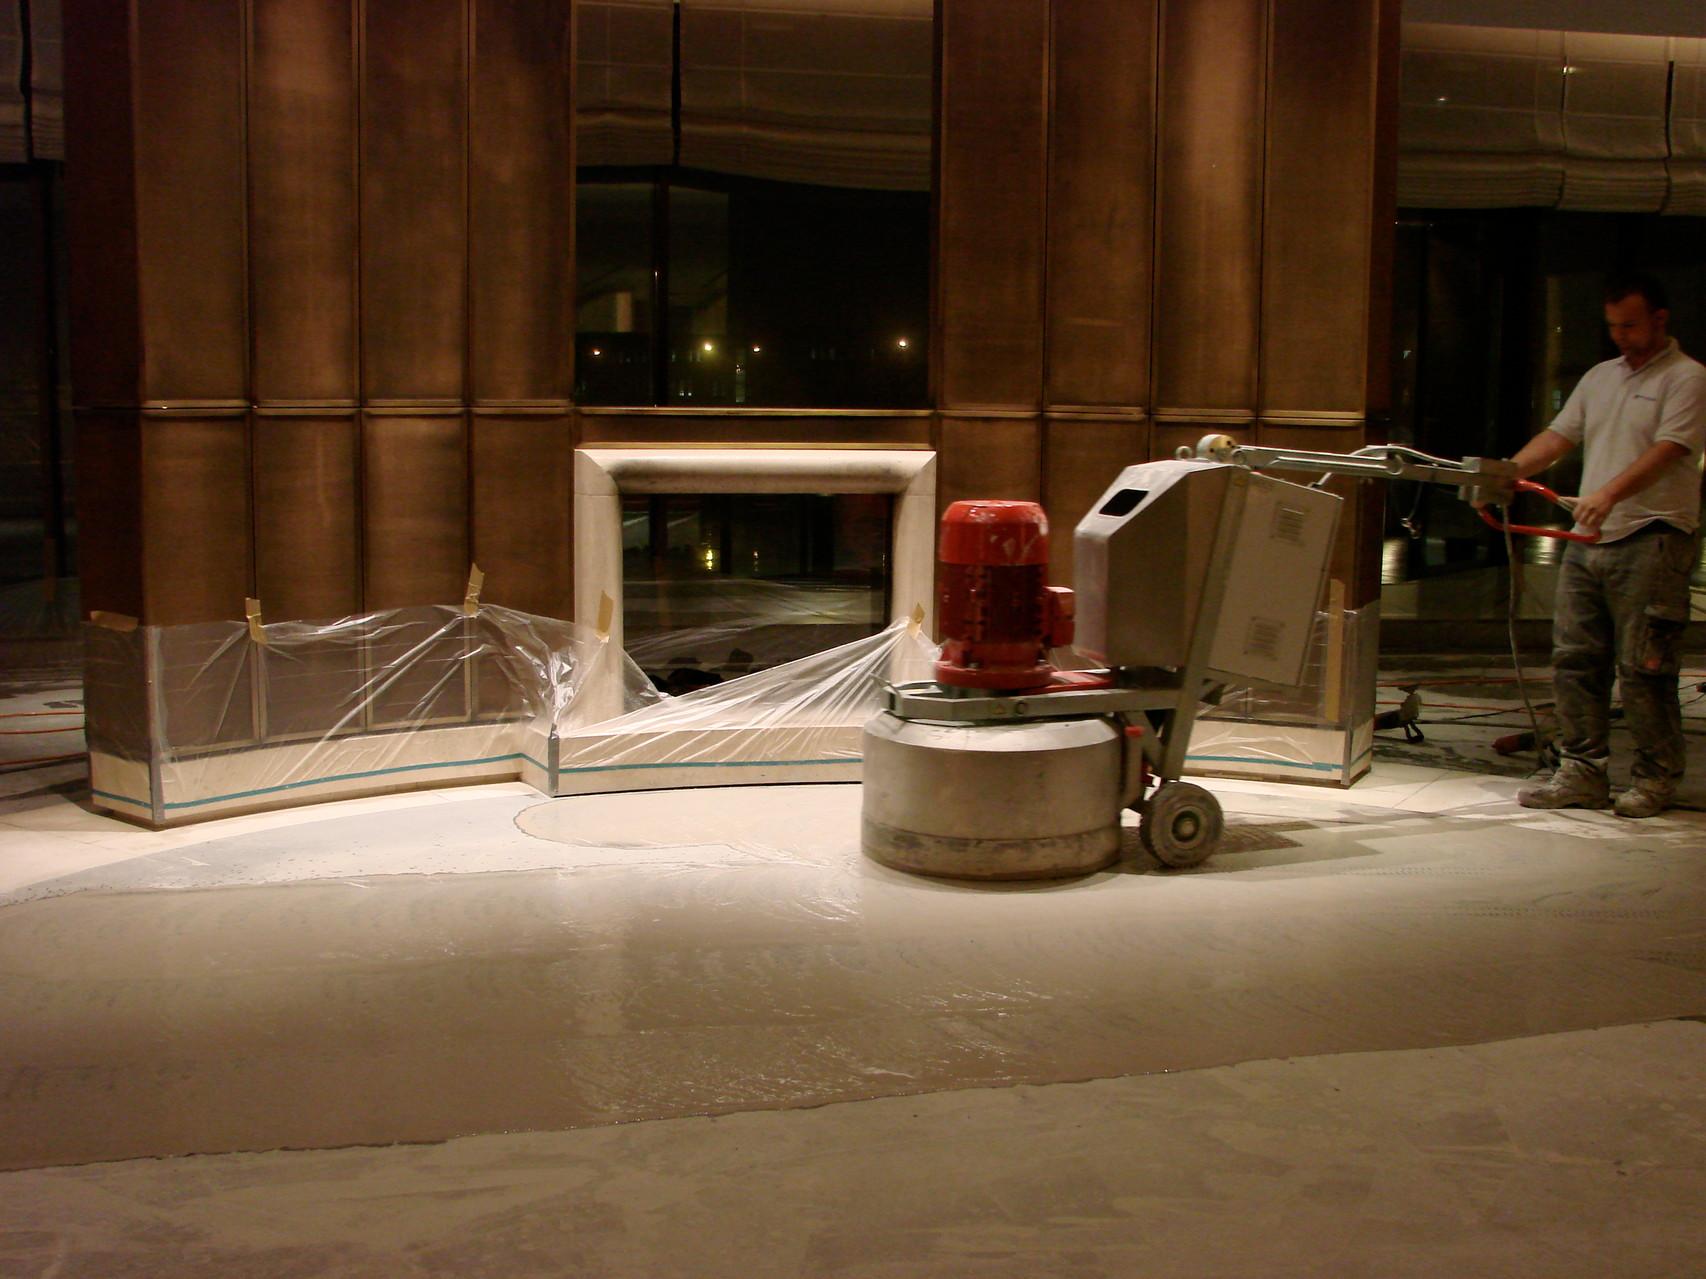 marmorsanierung marmor schleifen polieren impr gnieren marmor schleifen marmor schleifen. Black Bedroom Furniture Sets. Home Design Ideas